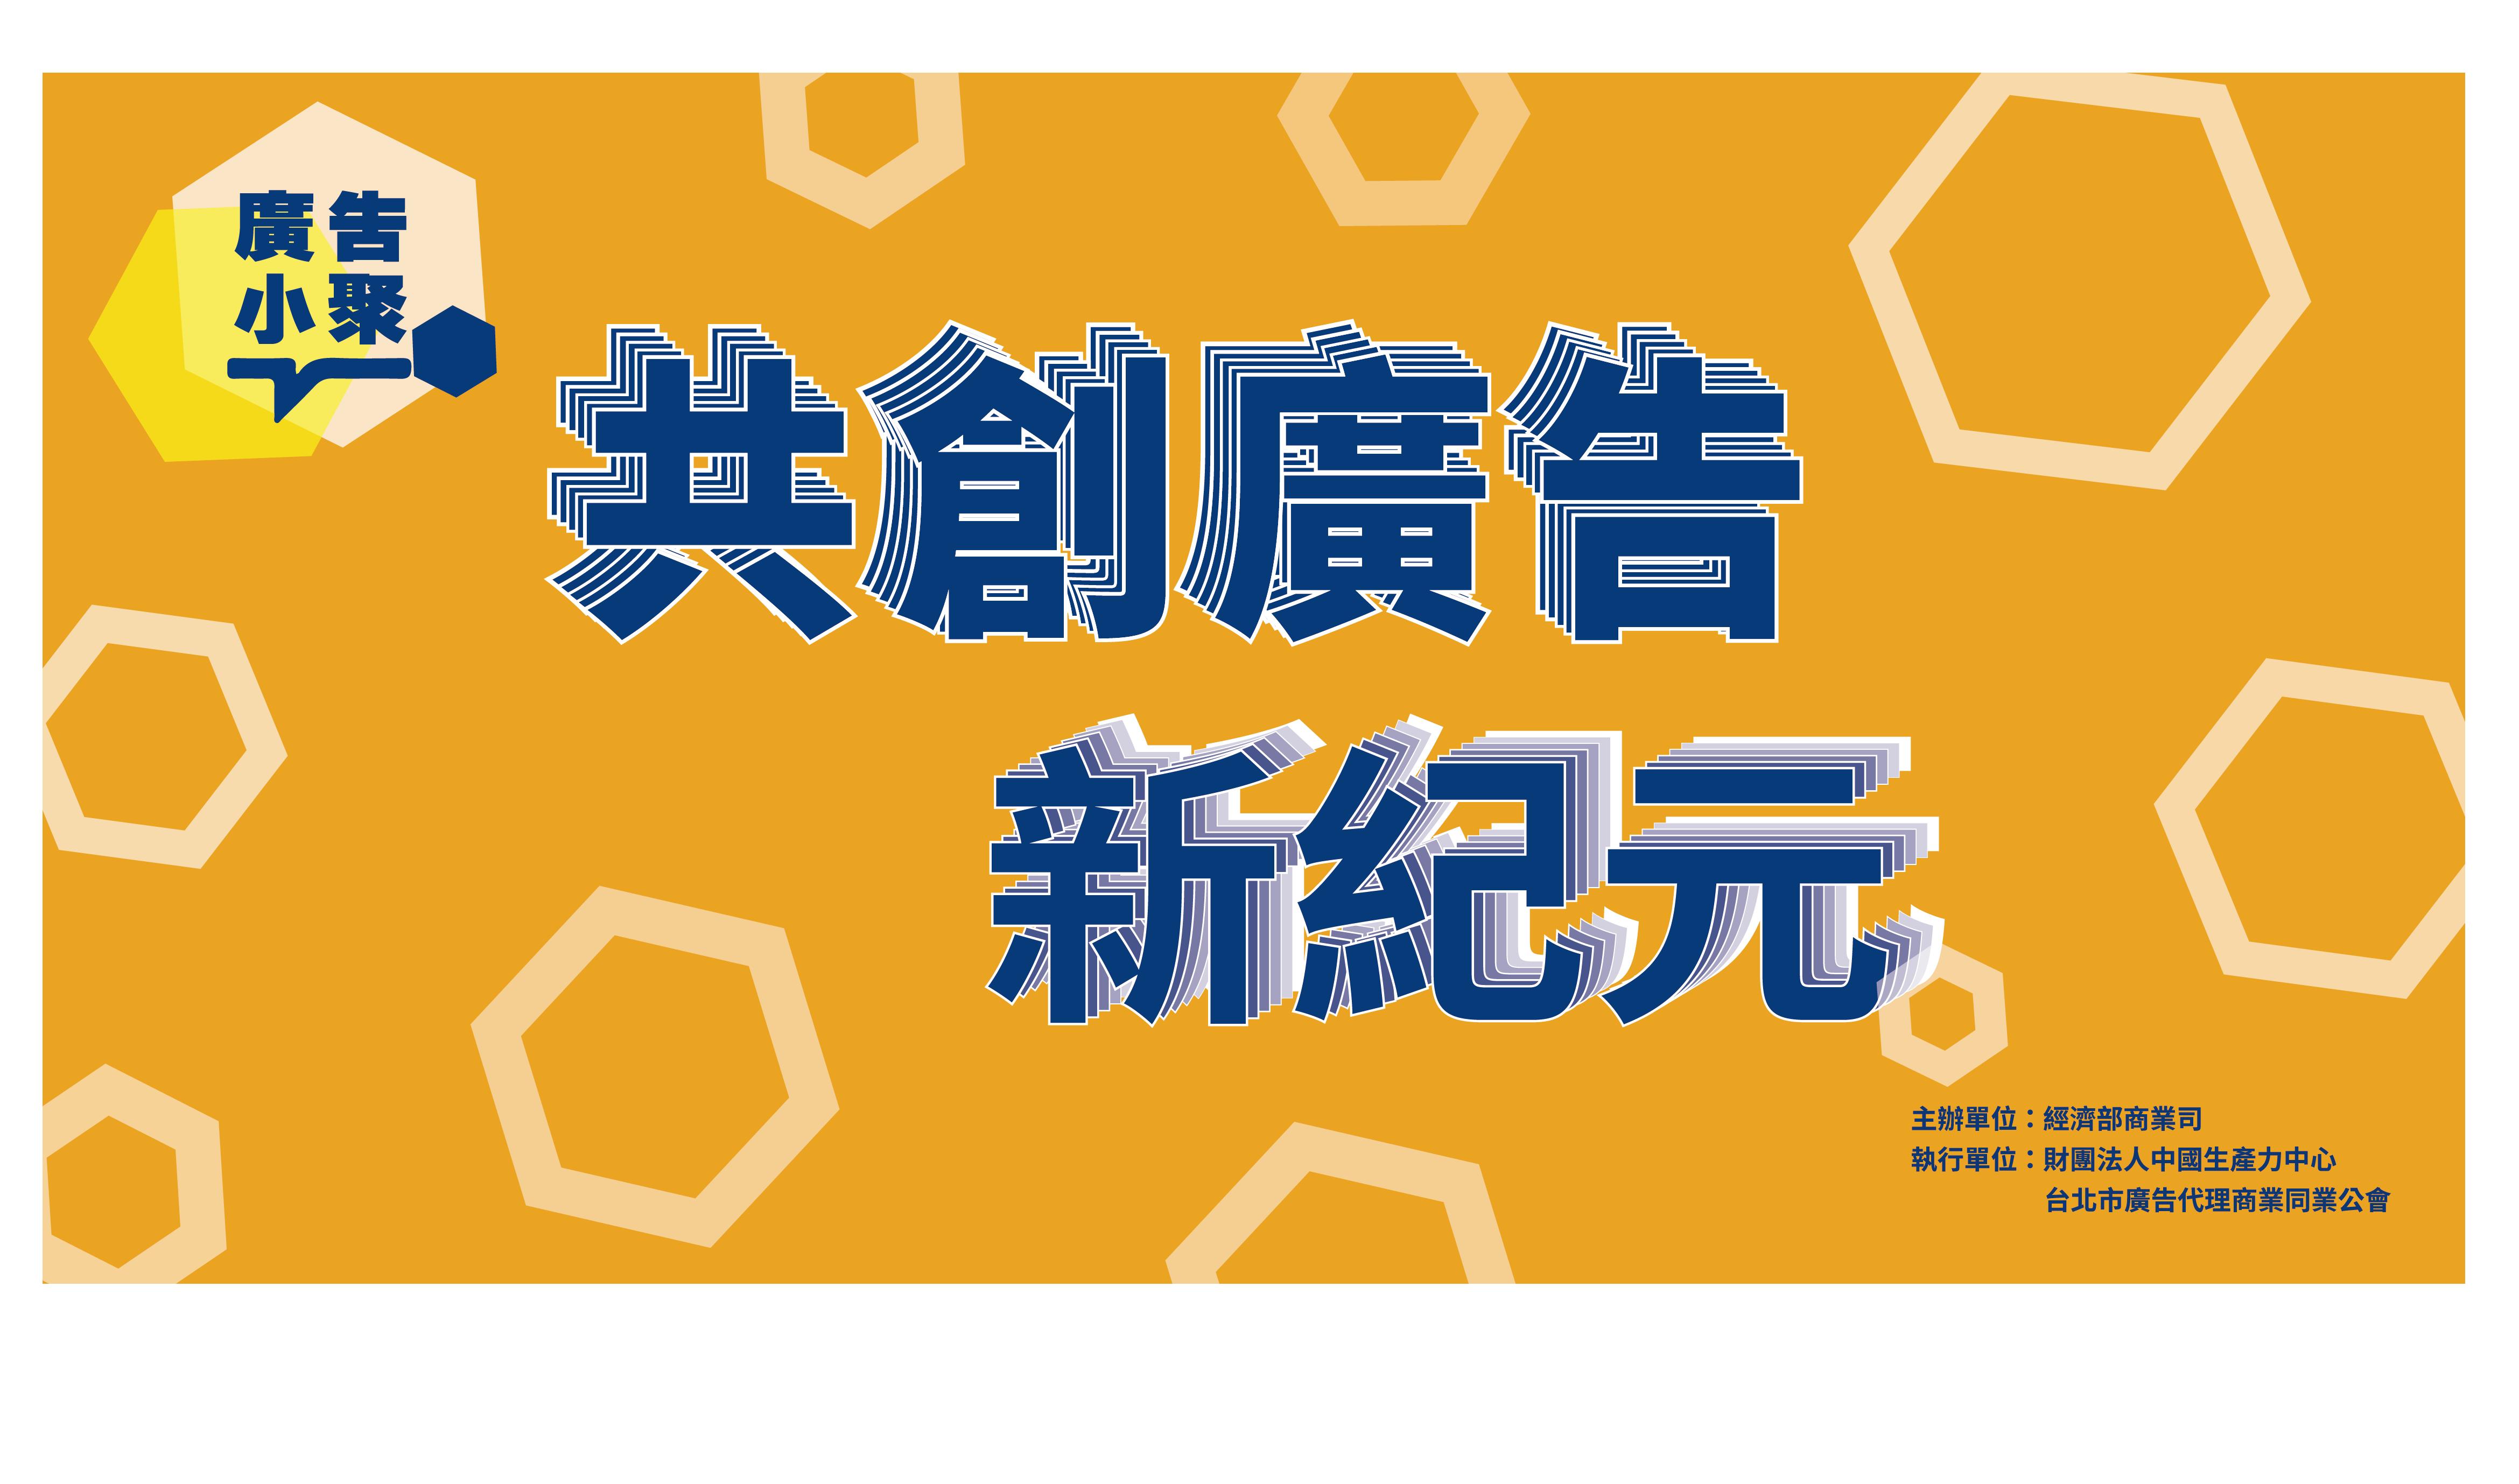 廣告小聚第一場 6/11(四)【CSR x 品牌】盛大展開!